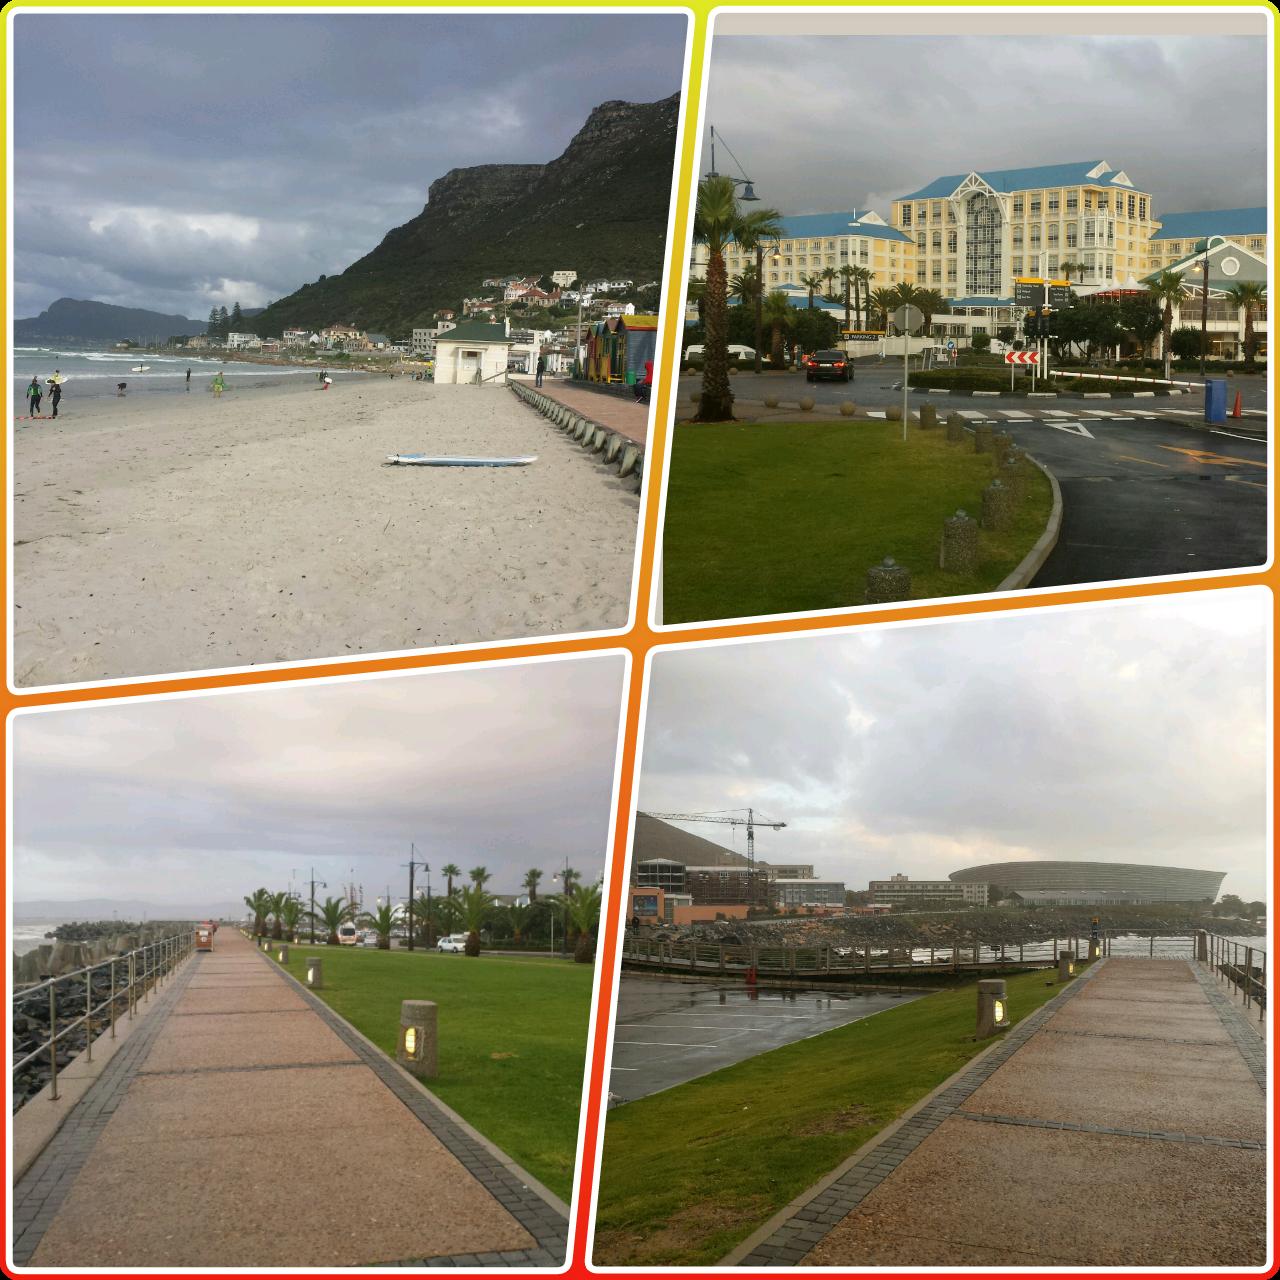 السياحة فى جنوب افريقيا